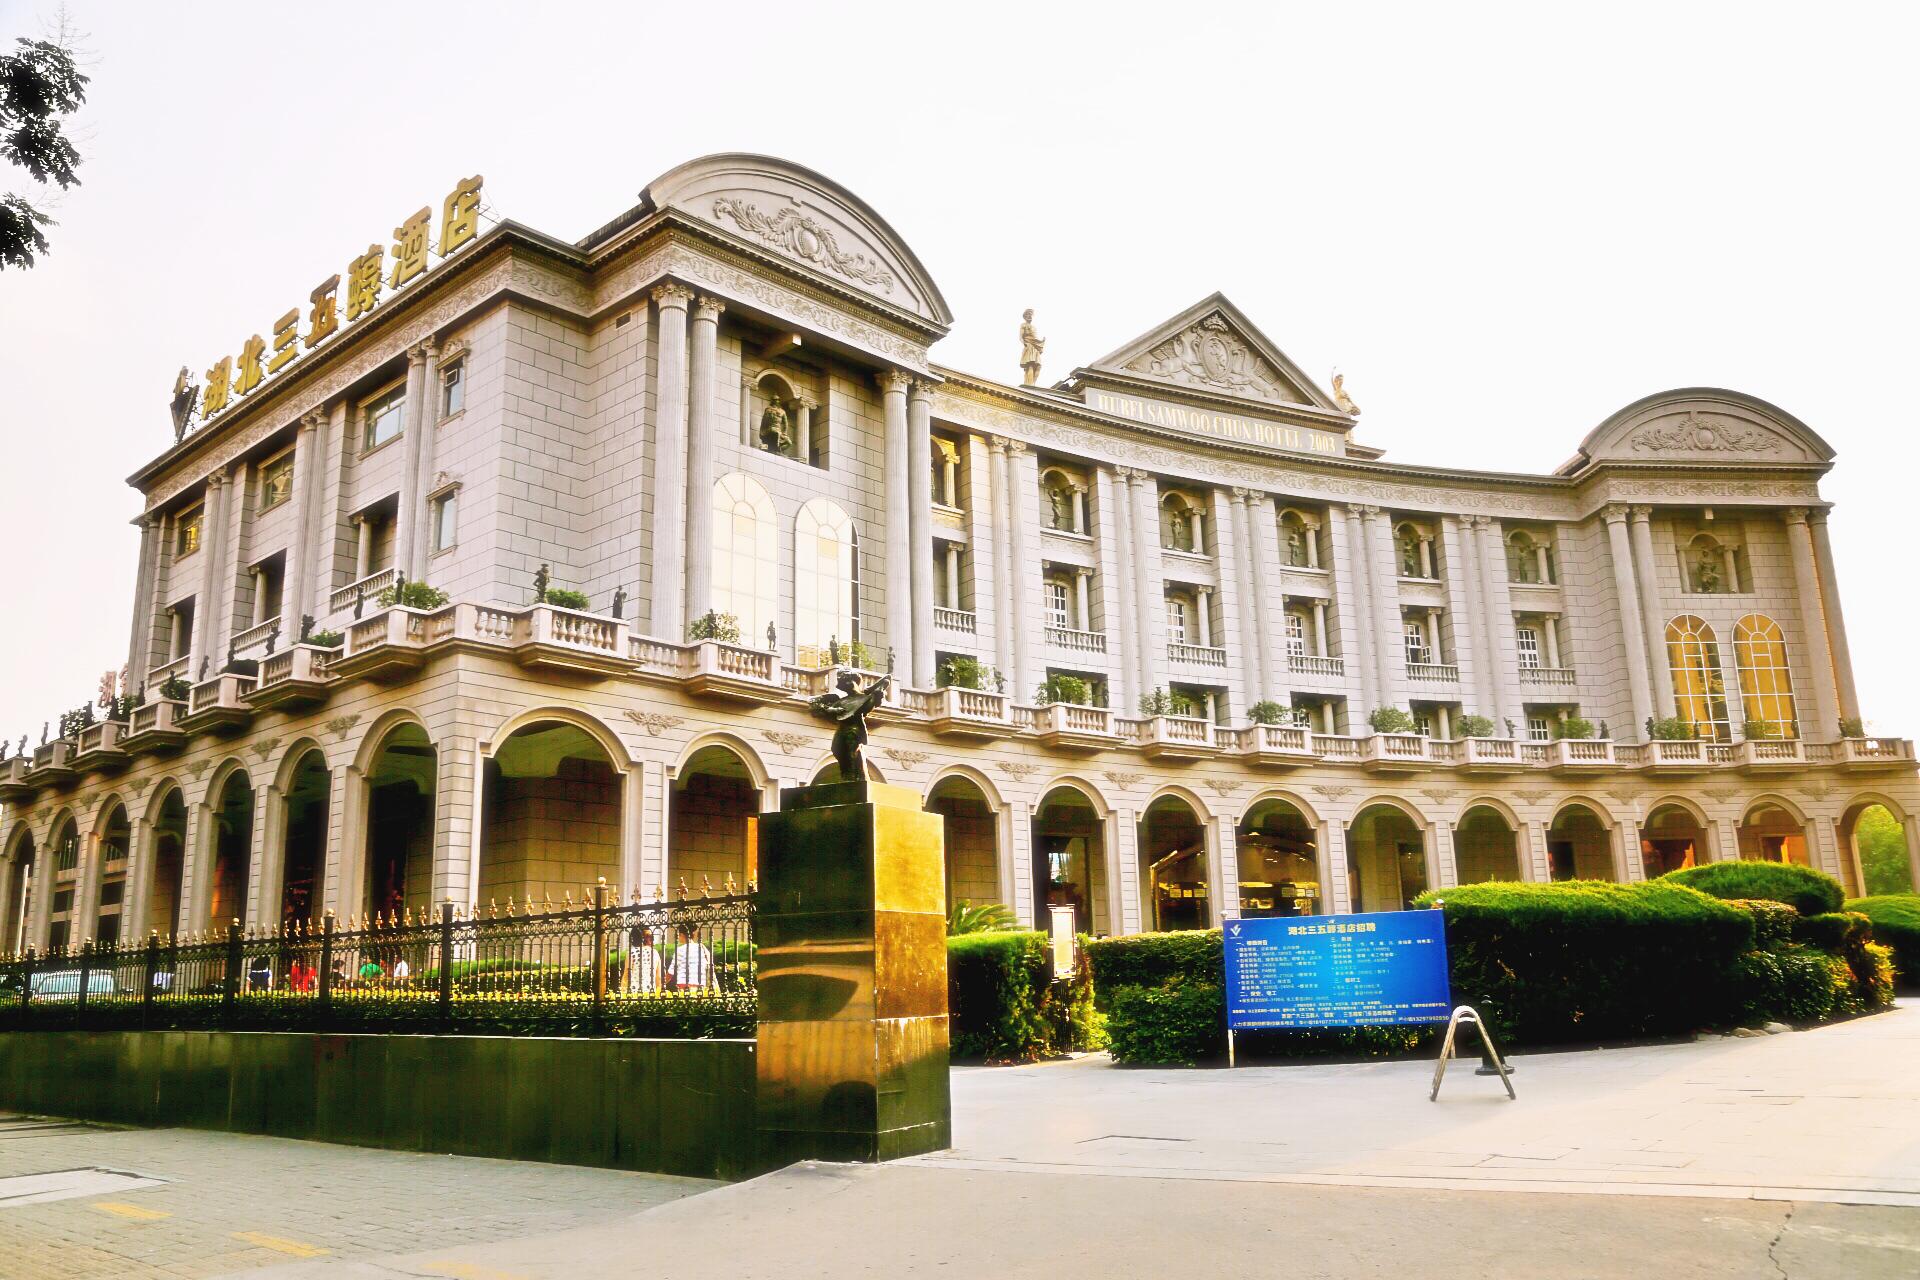 2001年再度大手笔将企业升级为欧洲花园酒店,目前欧式建筑风格,观景大图片